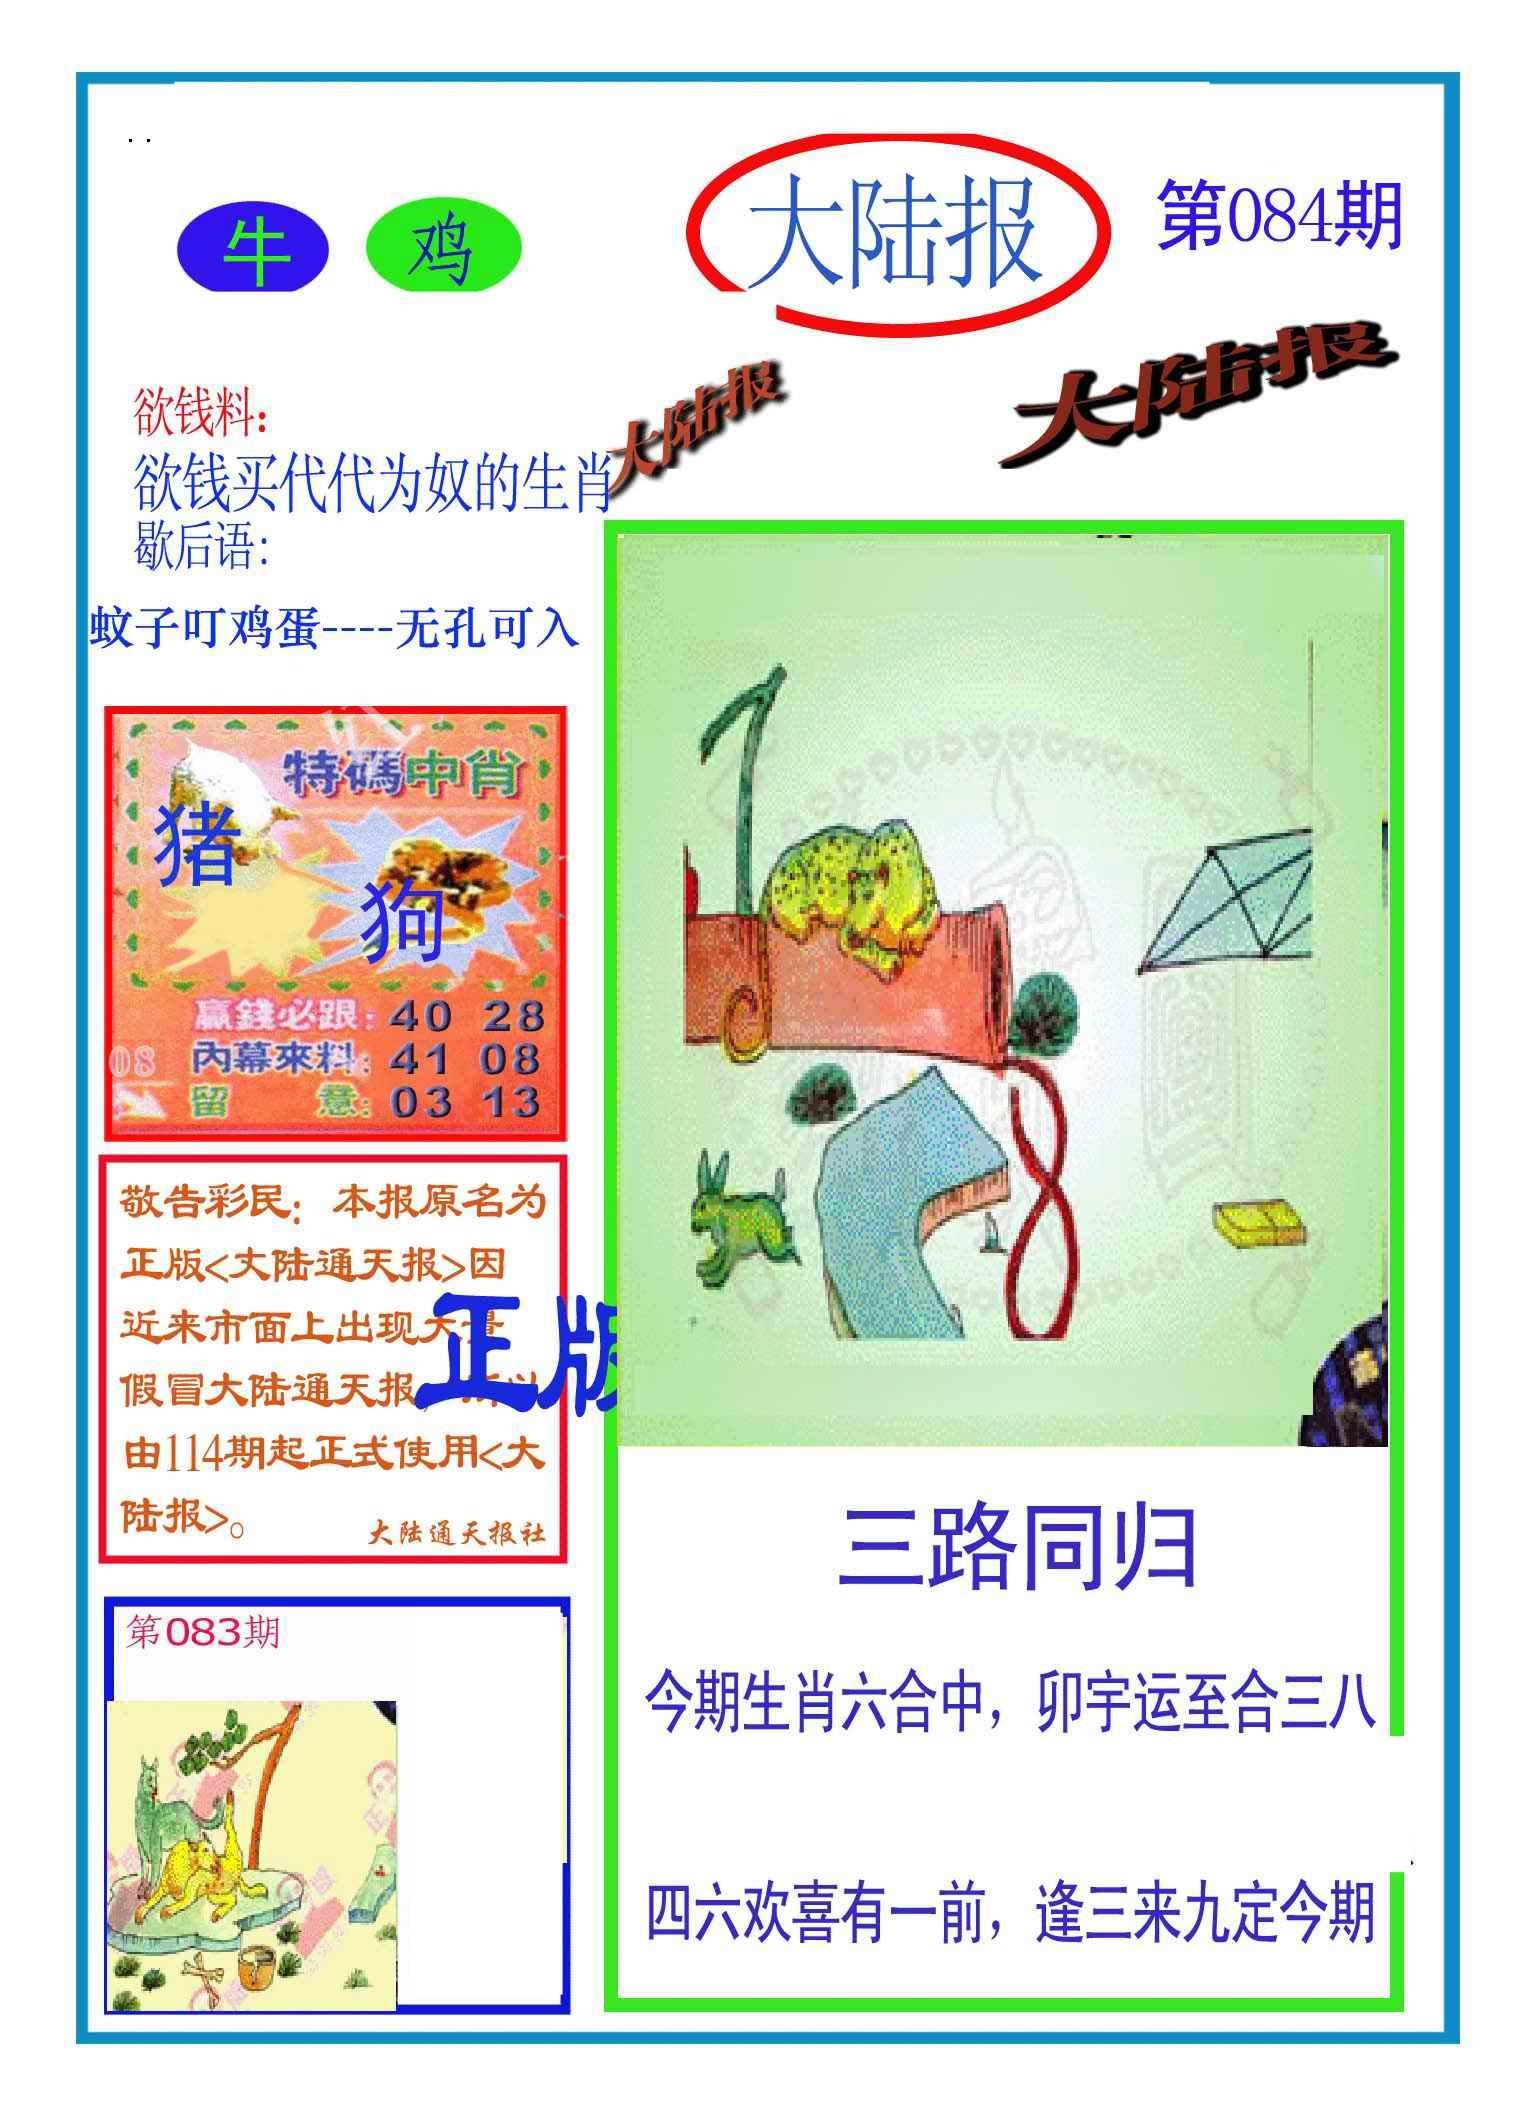 084期大陆报(新图)